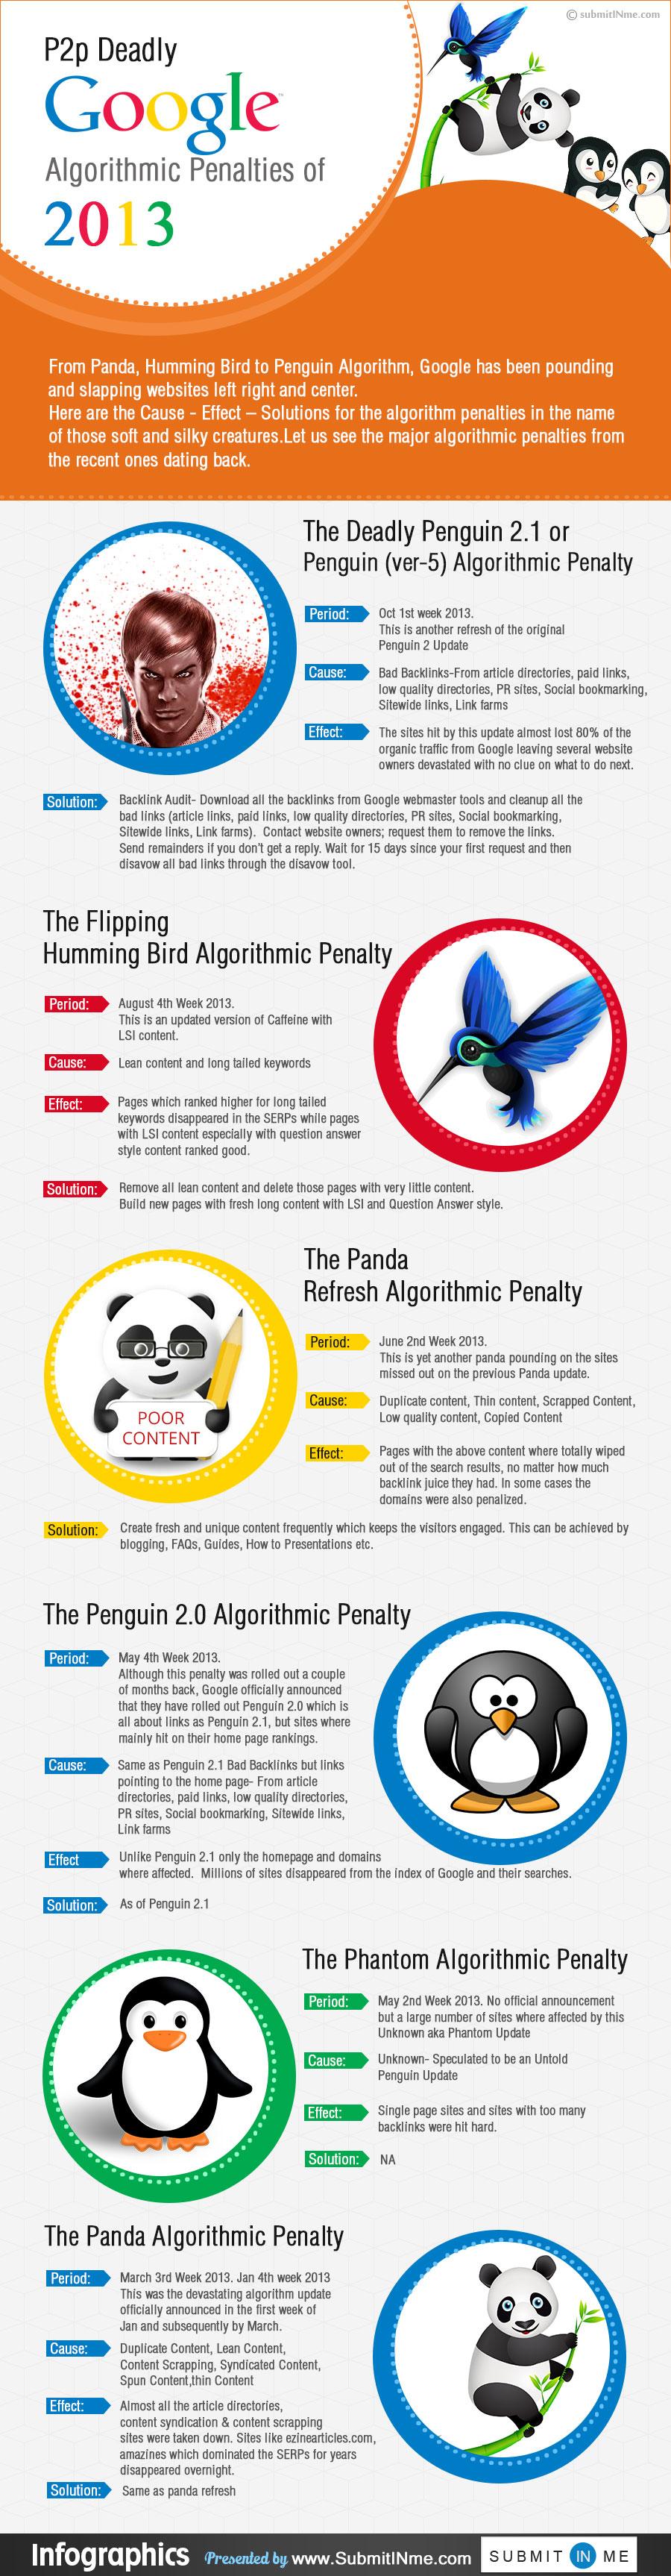 07 P2p-Deadly-Google-algorithm